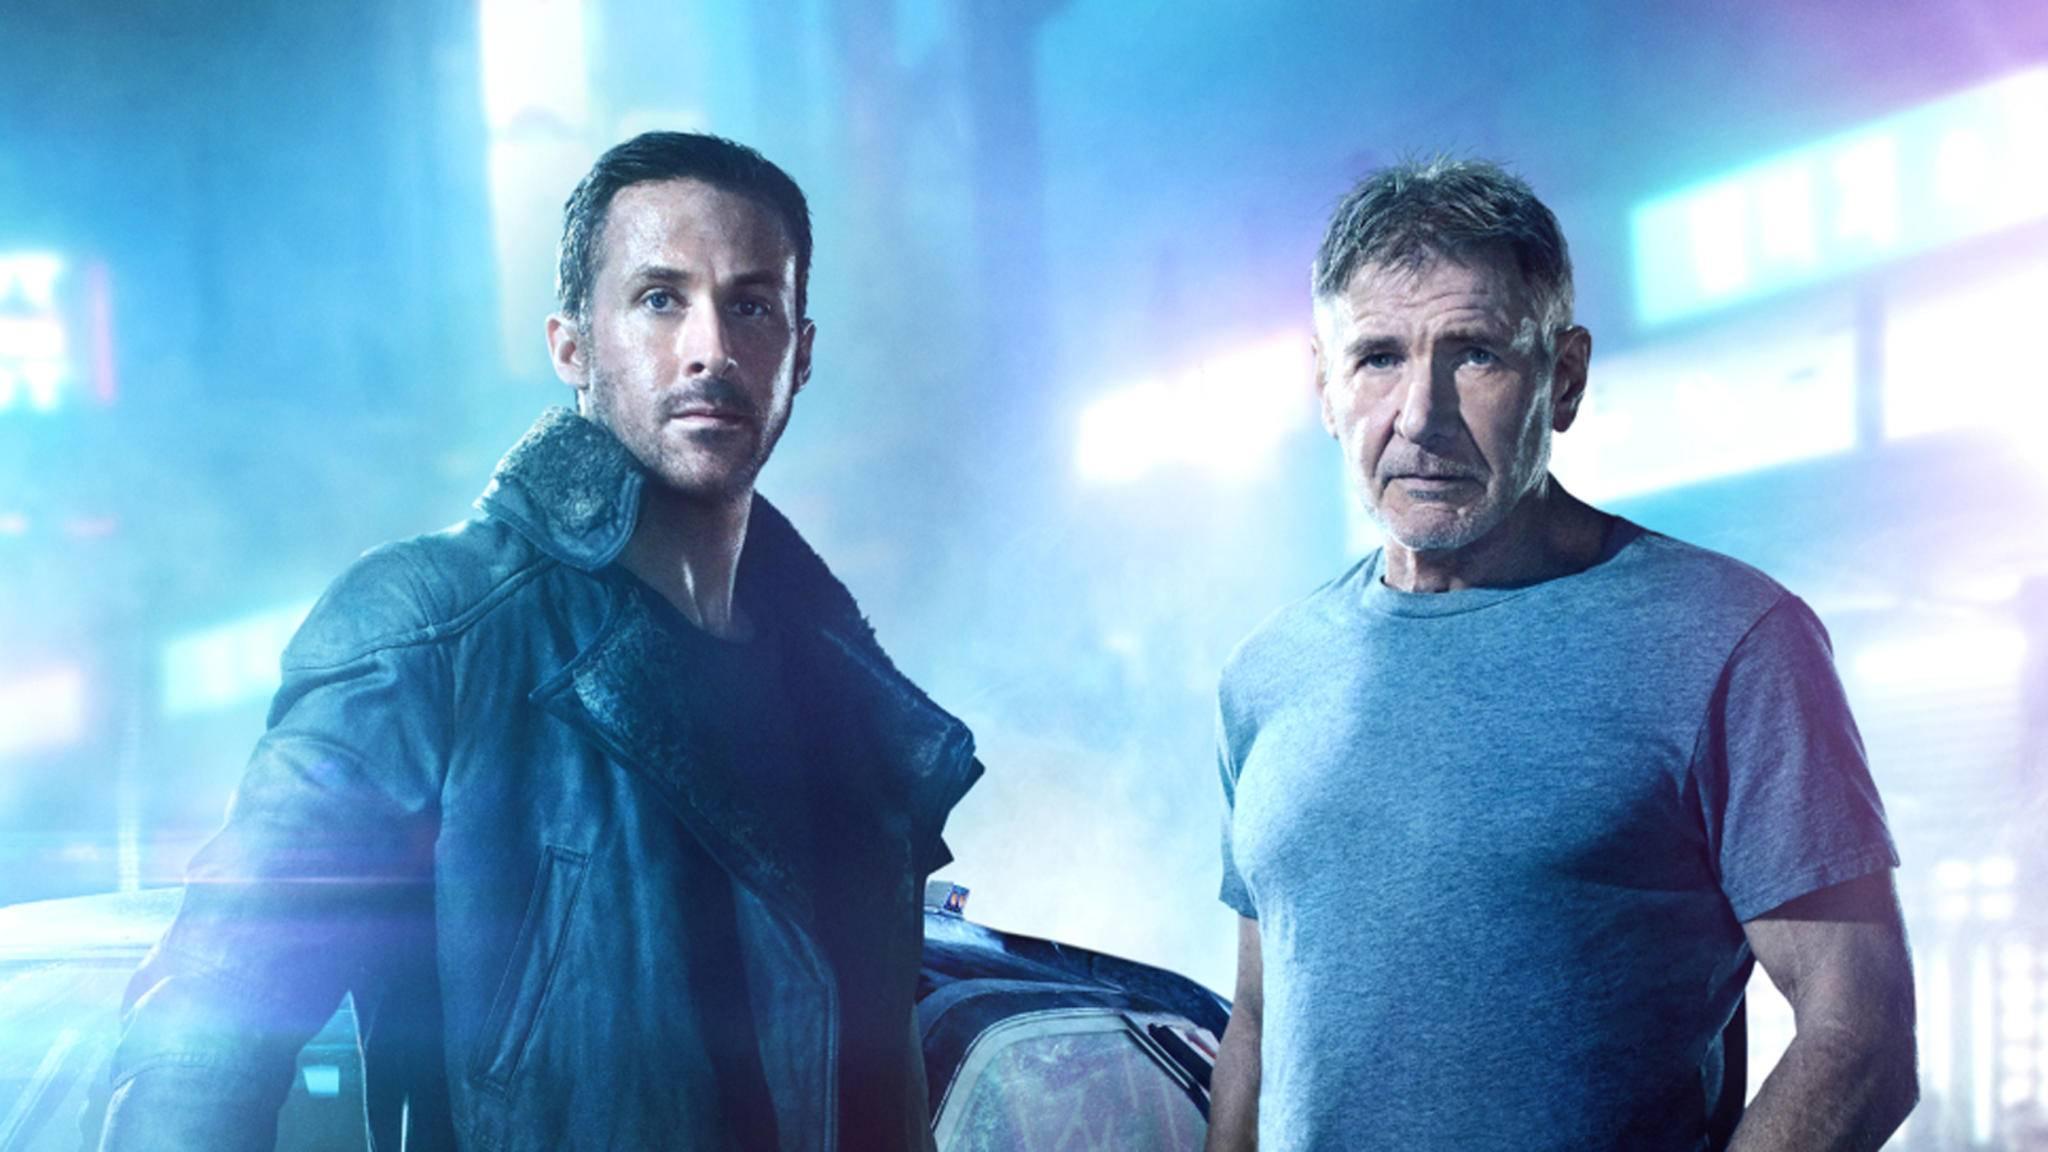 Ab September erobern die Blade Runner K und Rick Deckard gemeinsam Netflix!